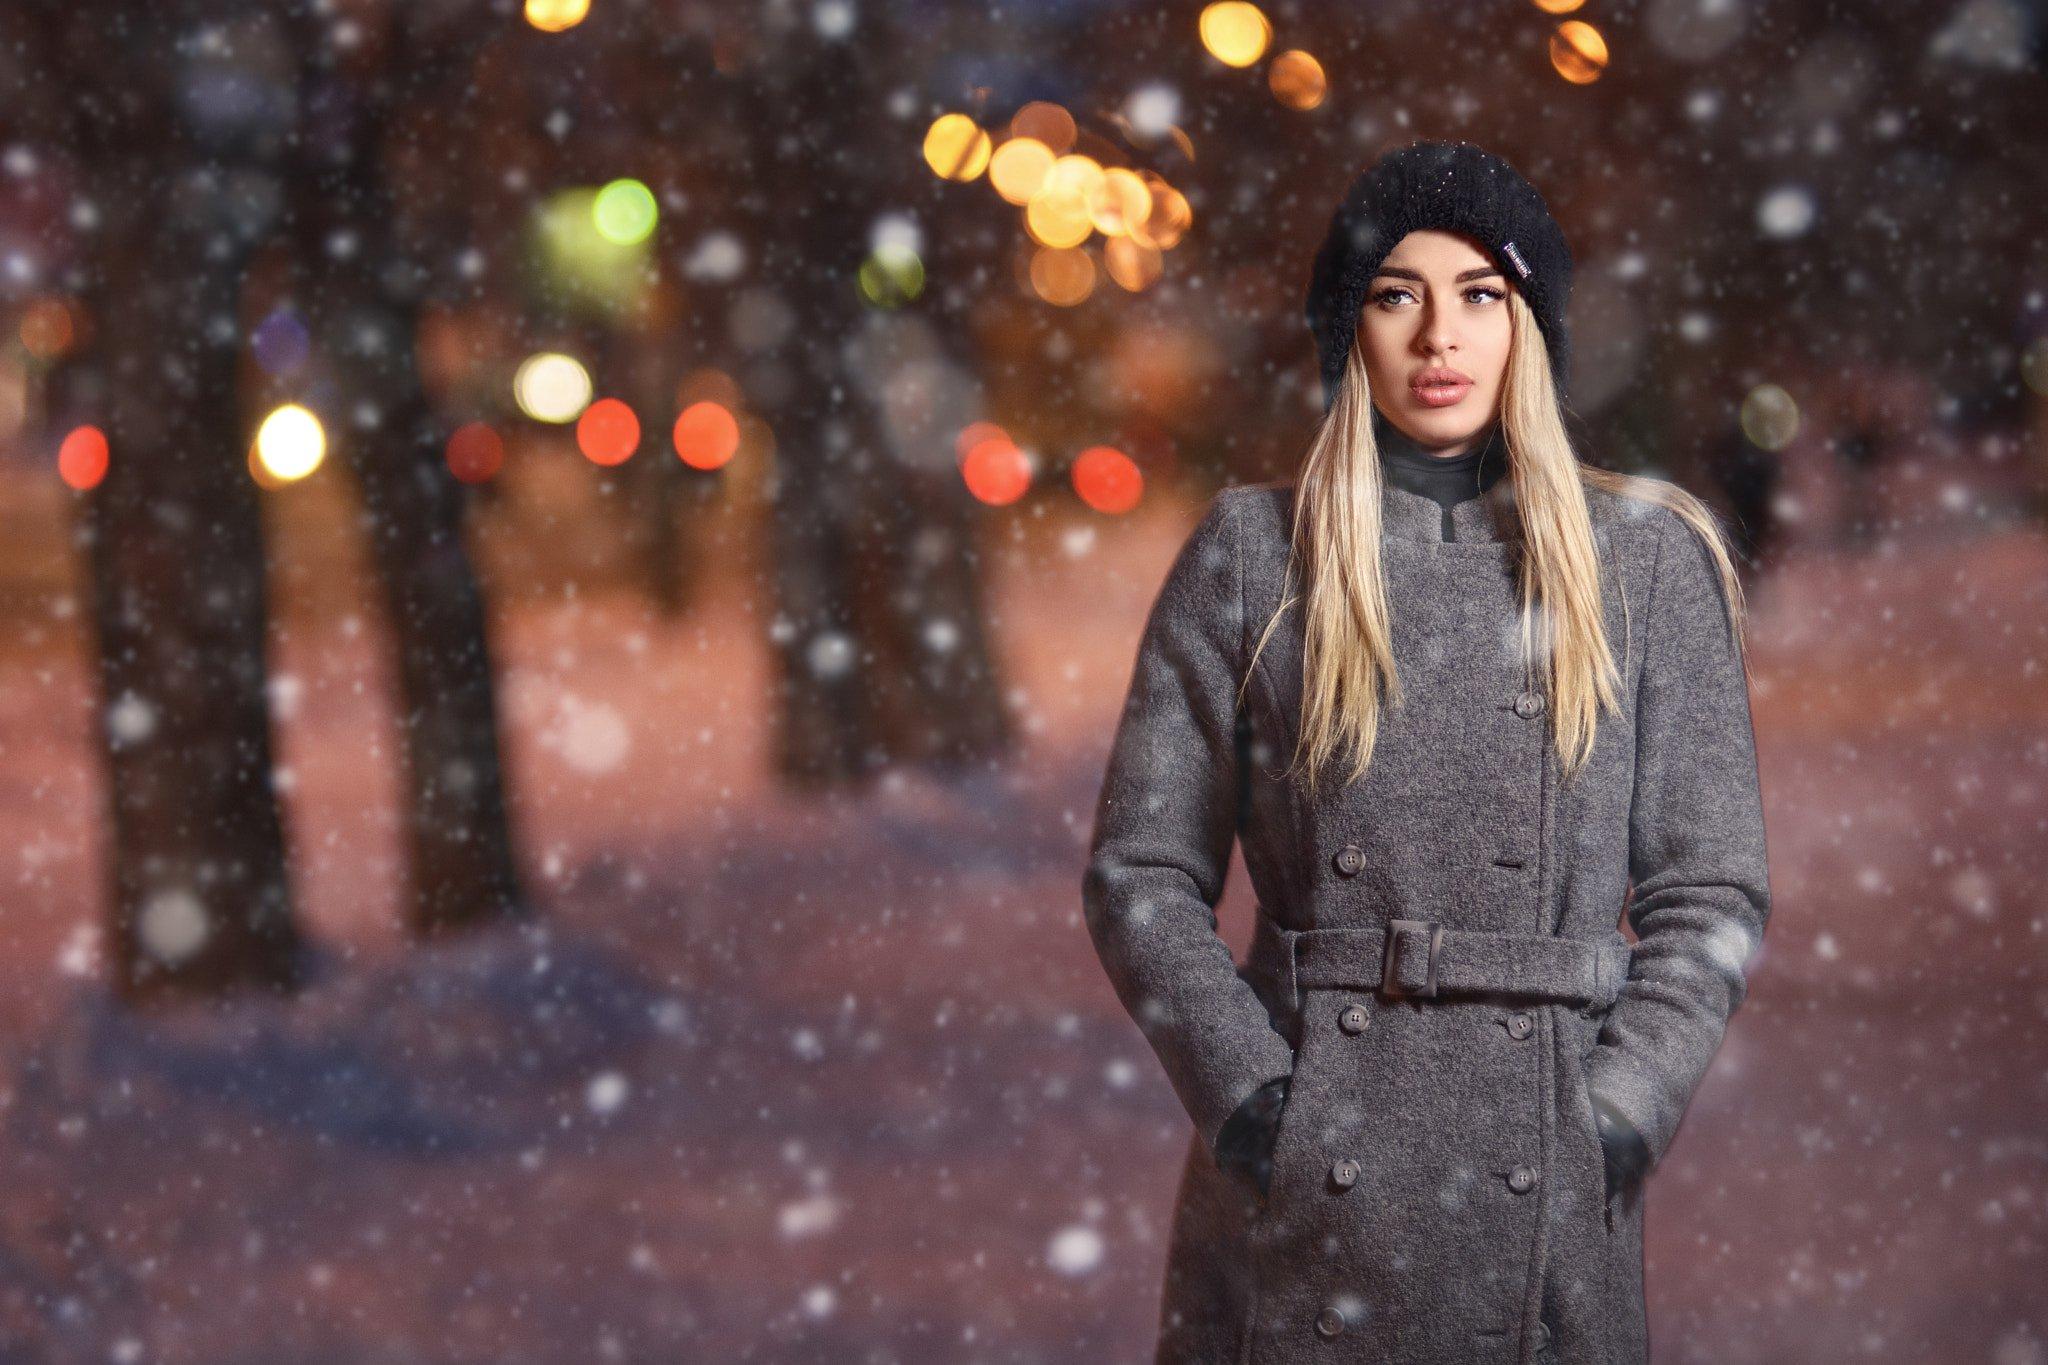 портрет, улица, зима, снег, вспышка, Александр